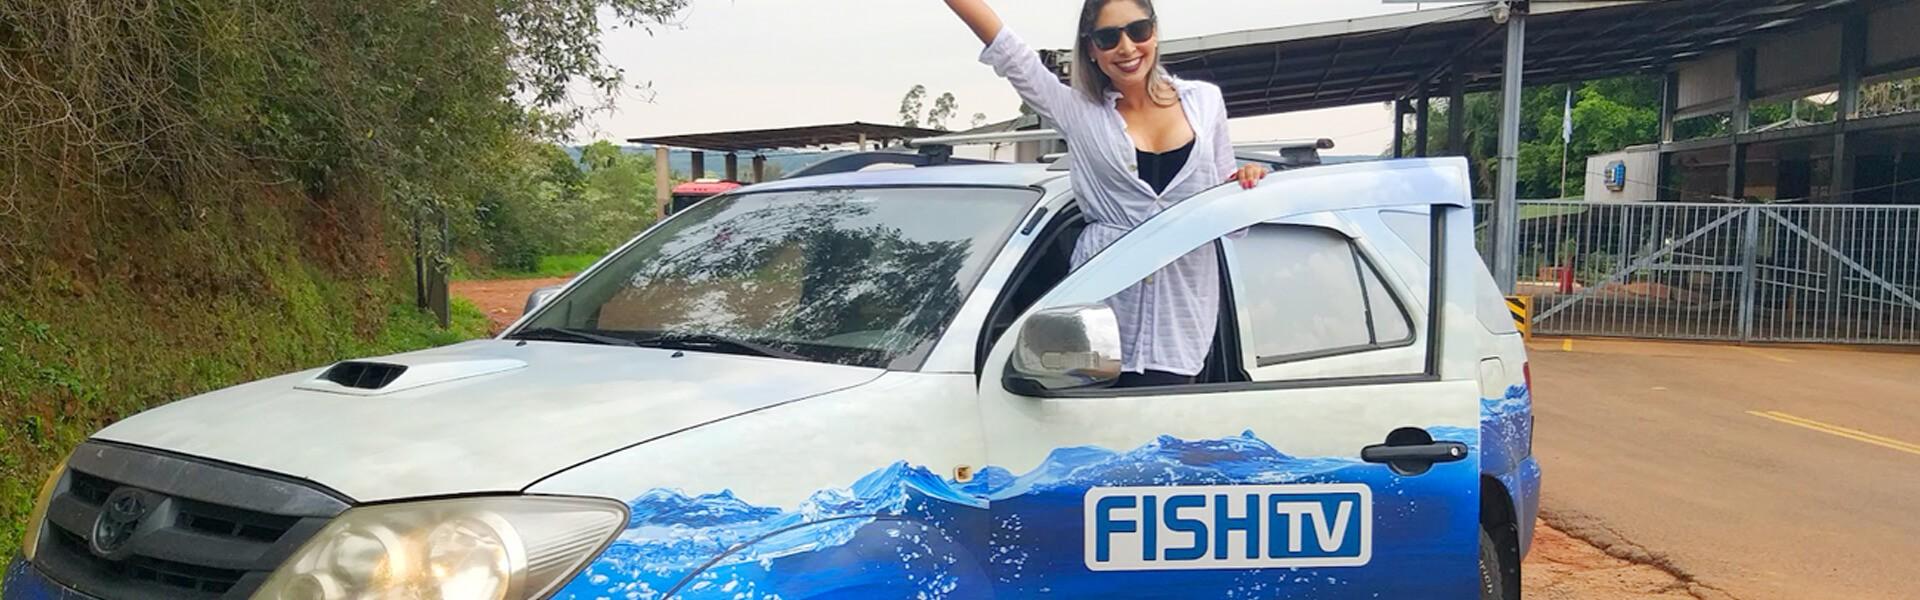 Viagens de carro para pescar